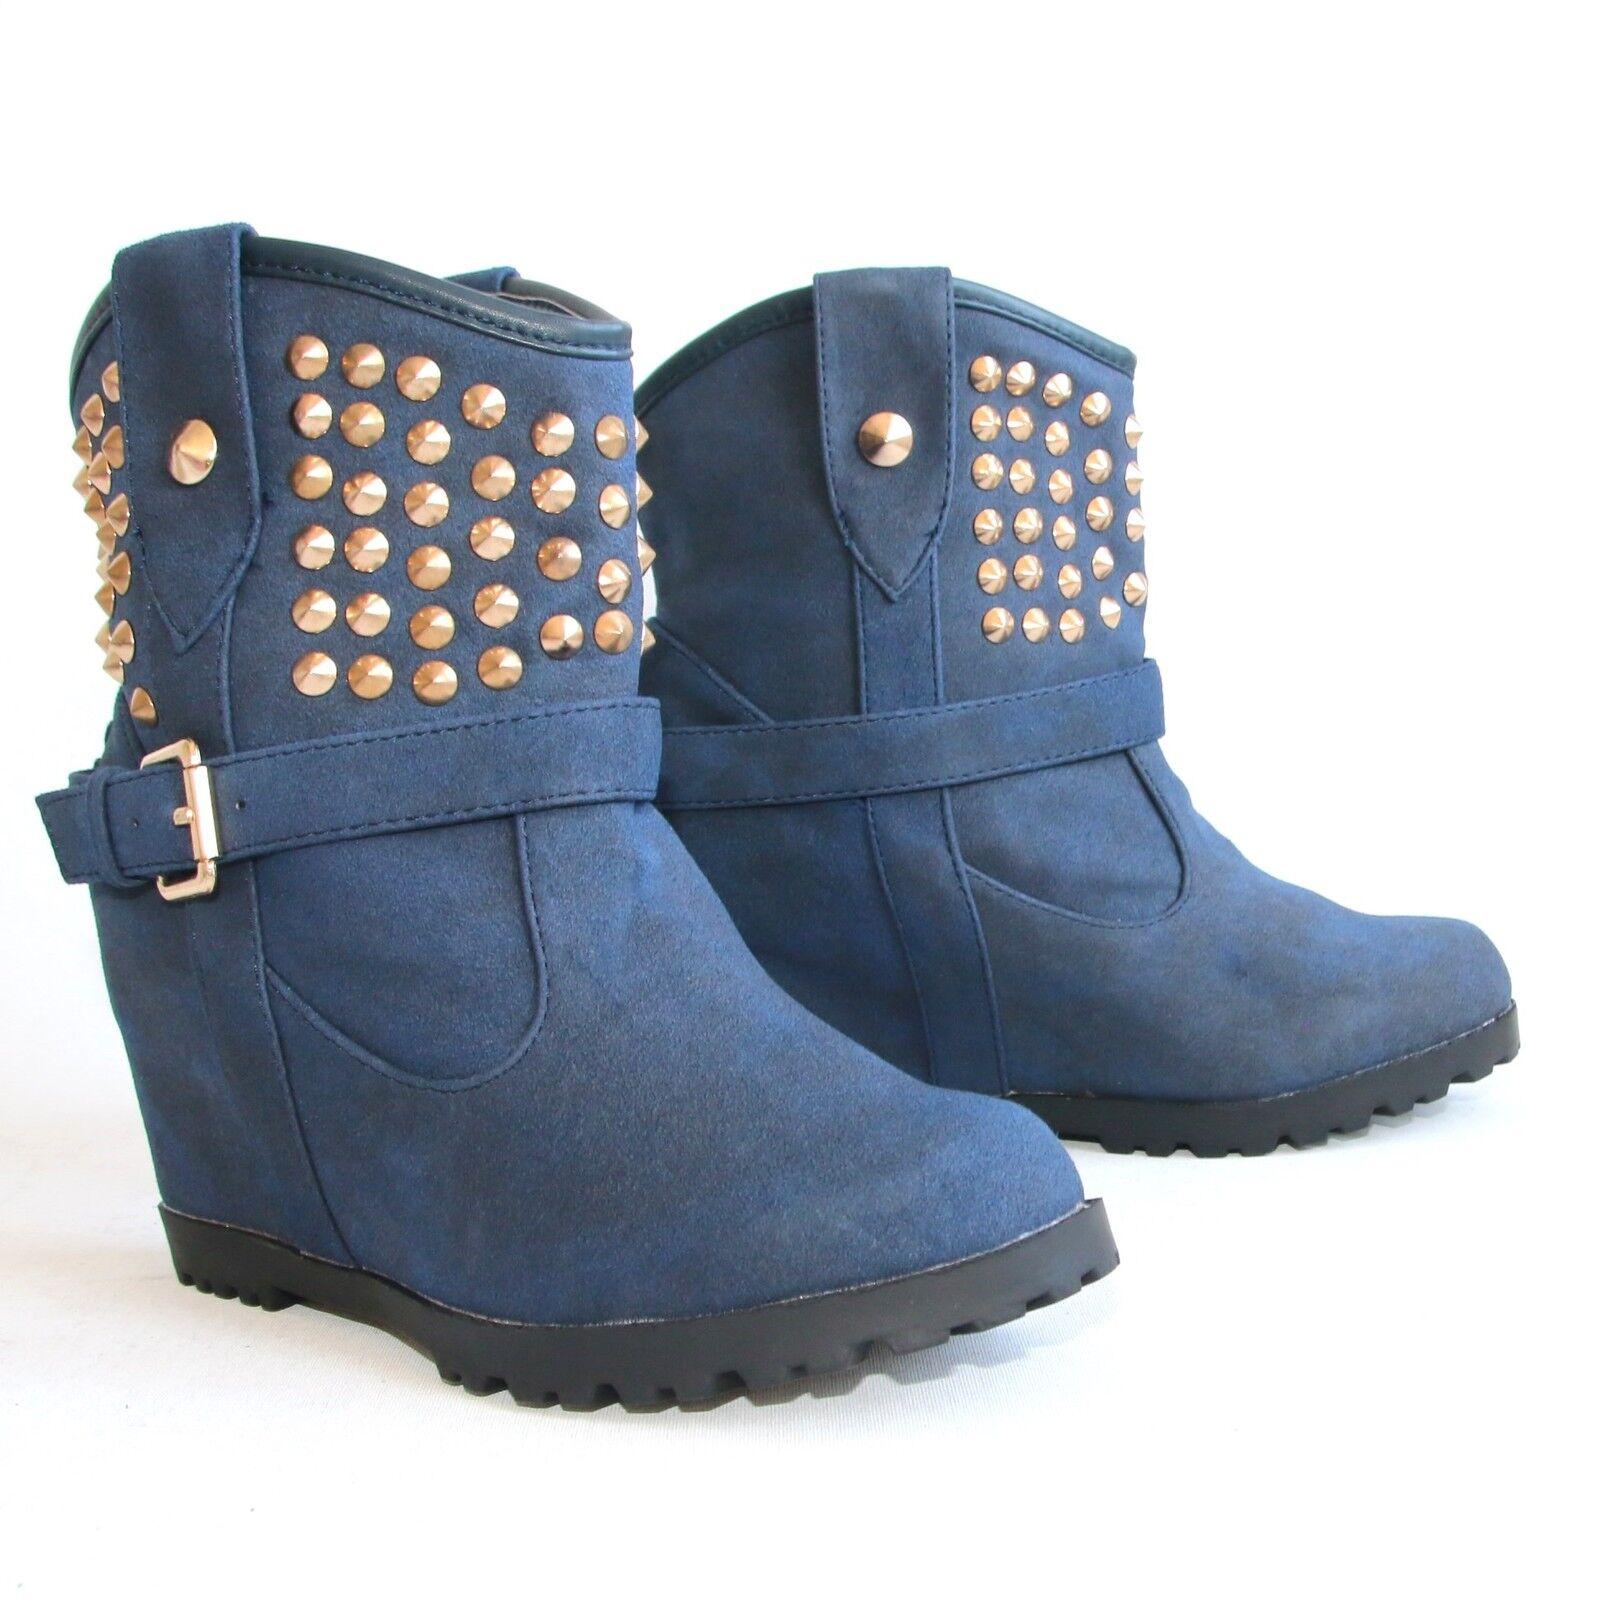 Frühlings Stiefeletten 37 Blau Versteckter Keilabsatz Wedges Boots Pumps H197